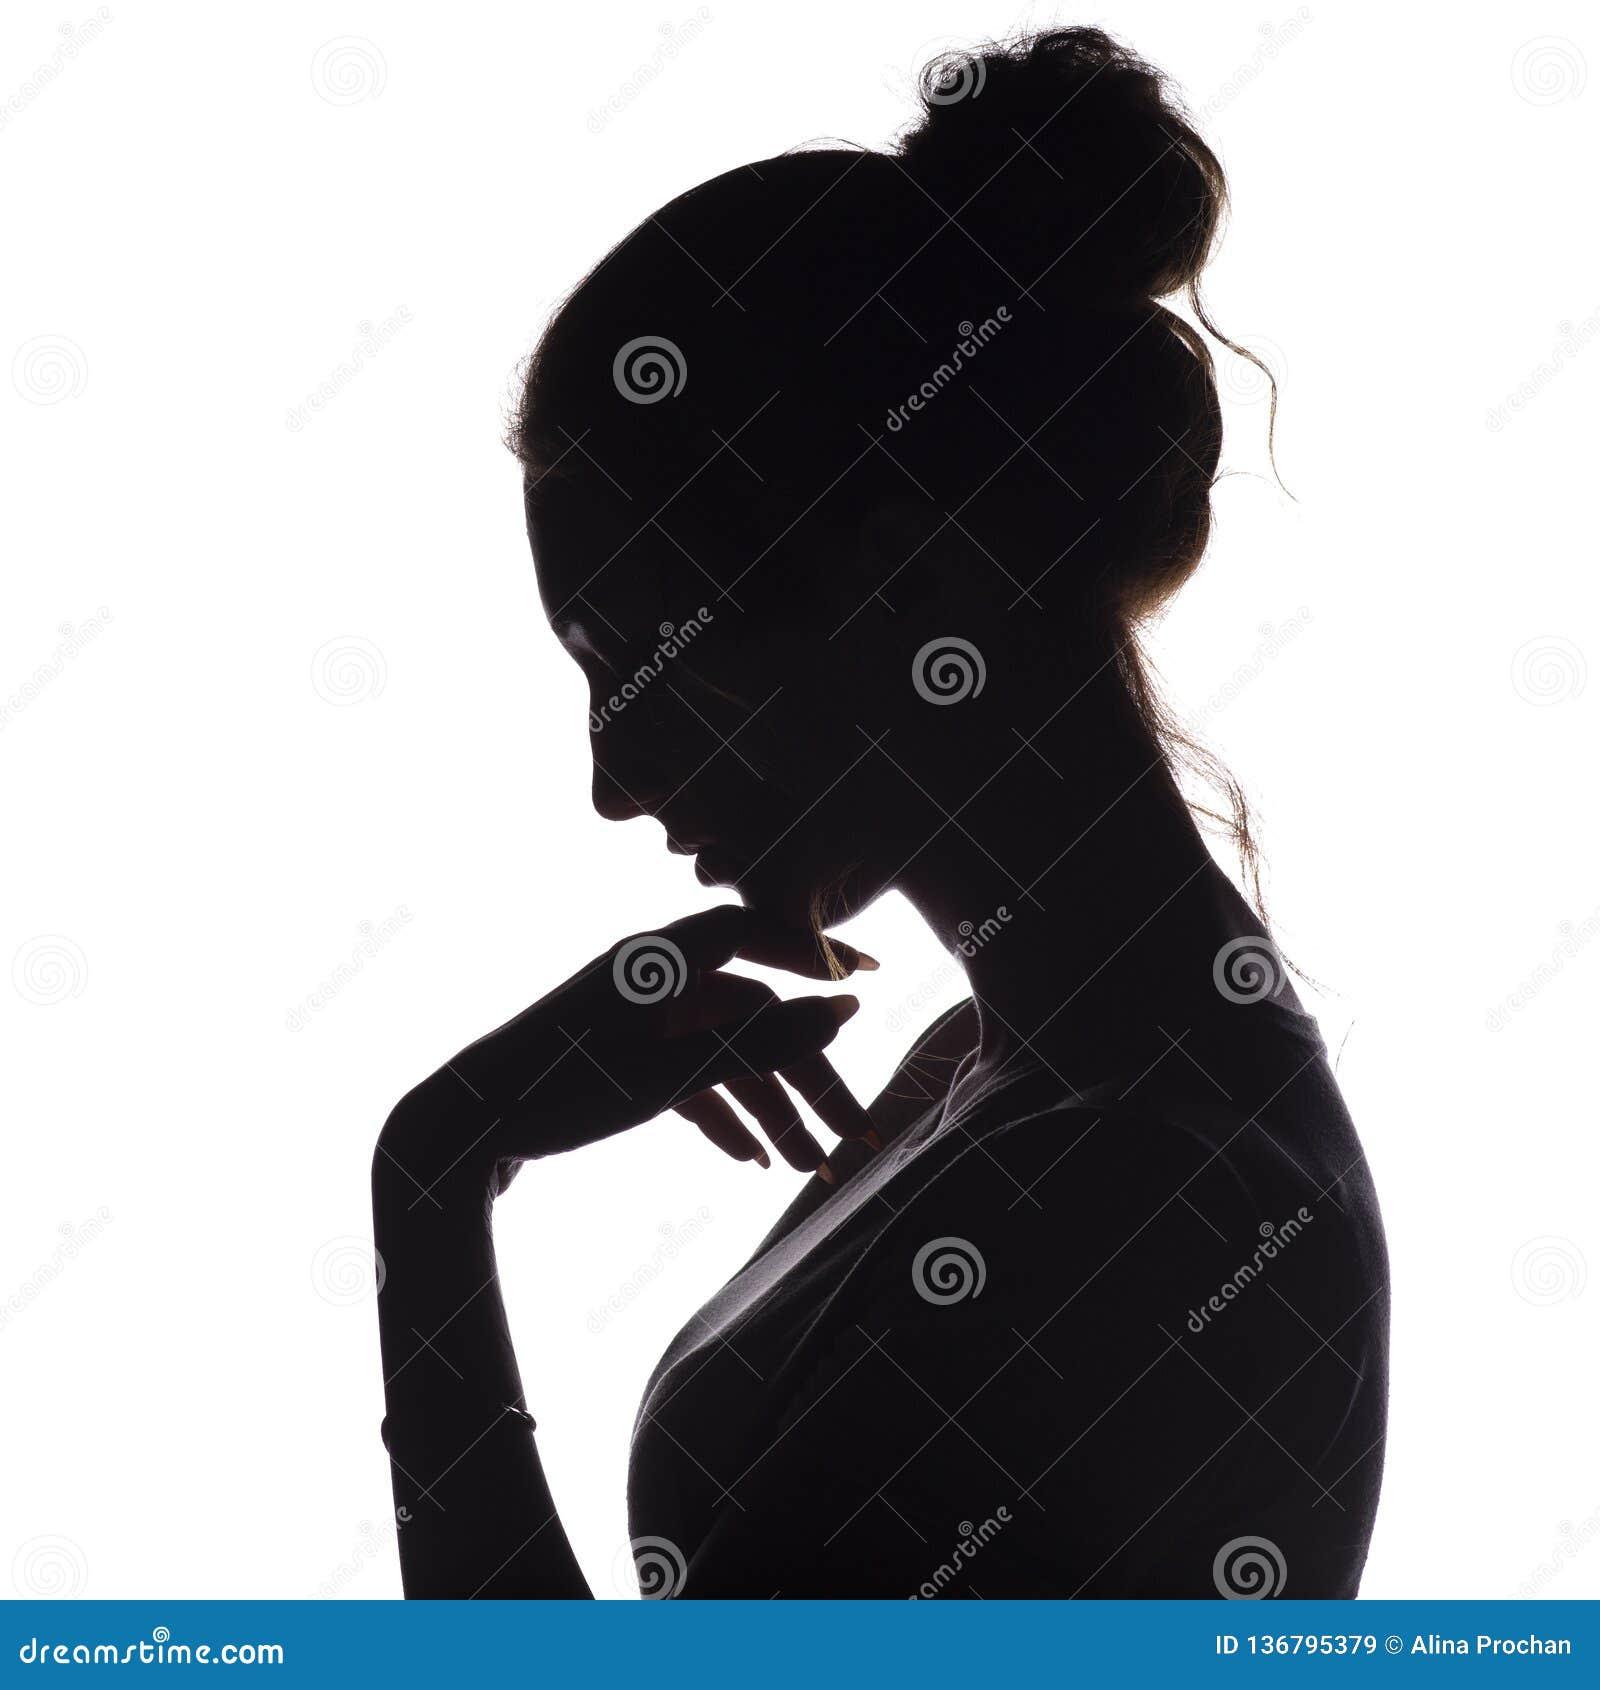 Η σκιαγραφία σχεδιαγράμματος ενός σκεπτικού κοριτσιού με ένα χέρι στο πηγούνι, μια νέα γυναίκα χαμήλωσε το κεφάλι της κάτω σε ένα